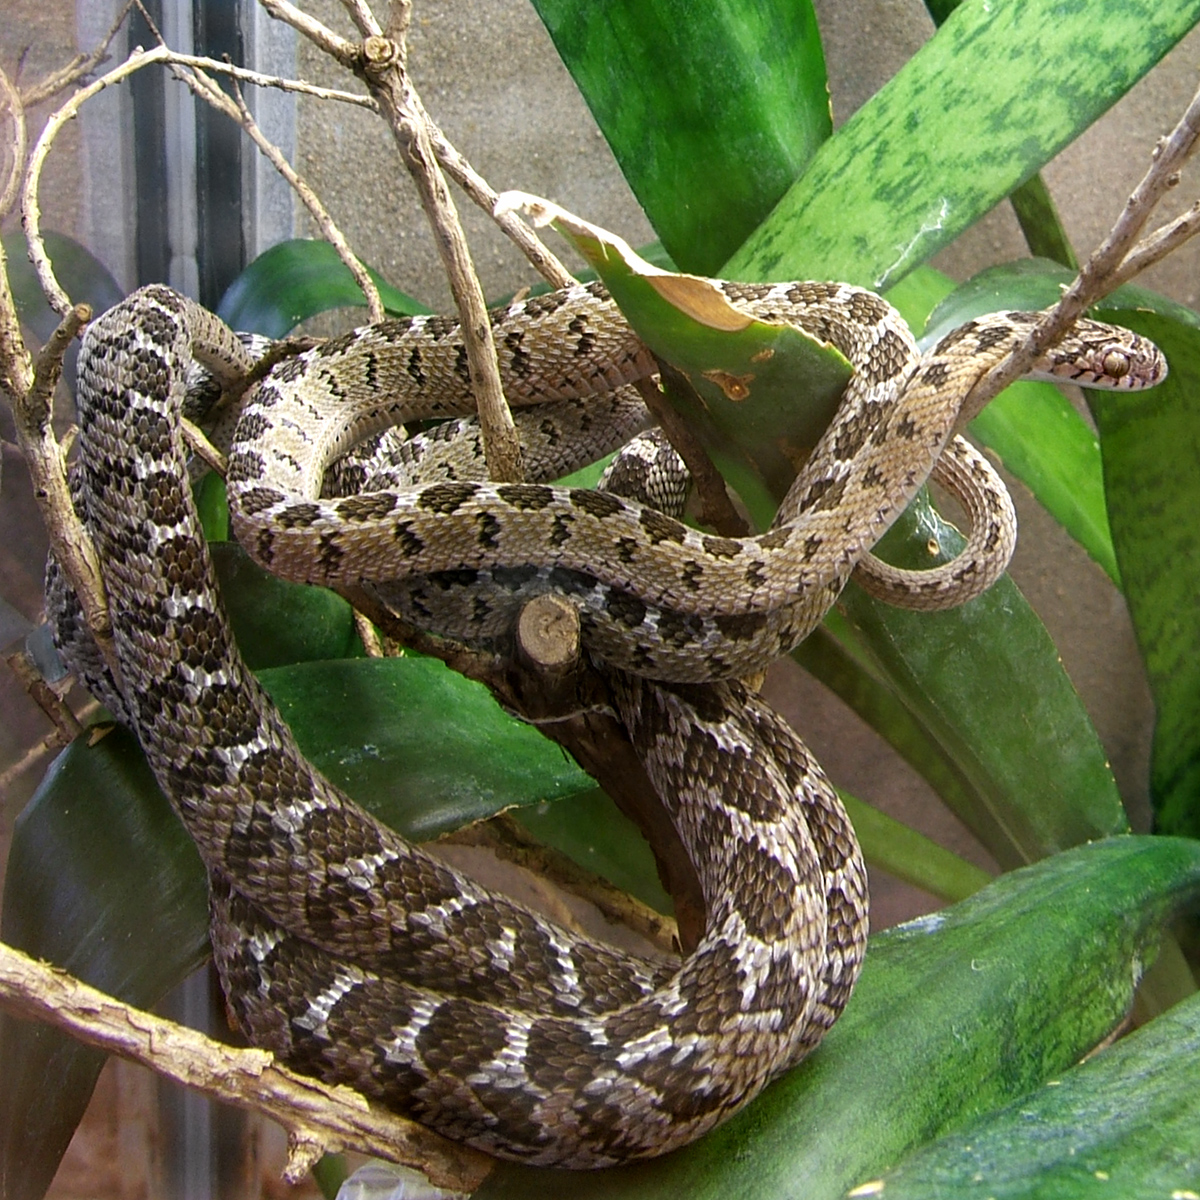 Afrikanische Eierschlangen – Wikipedia